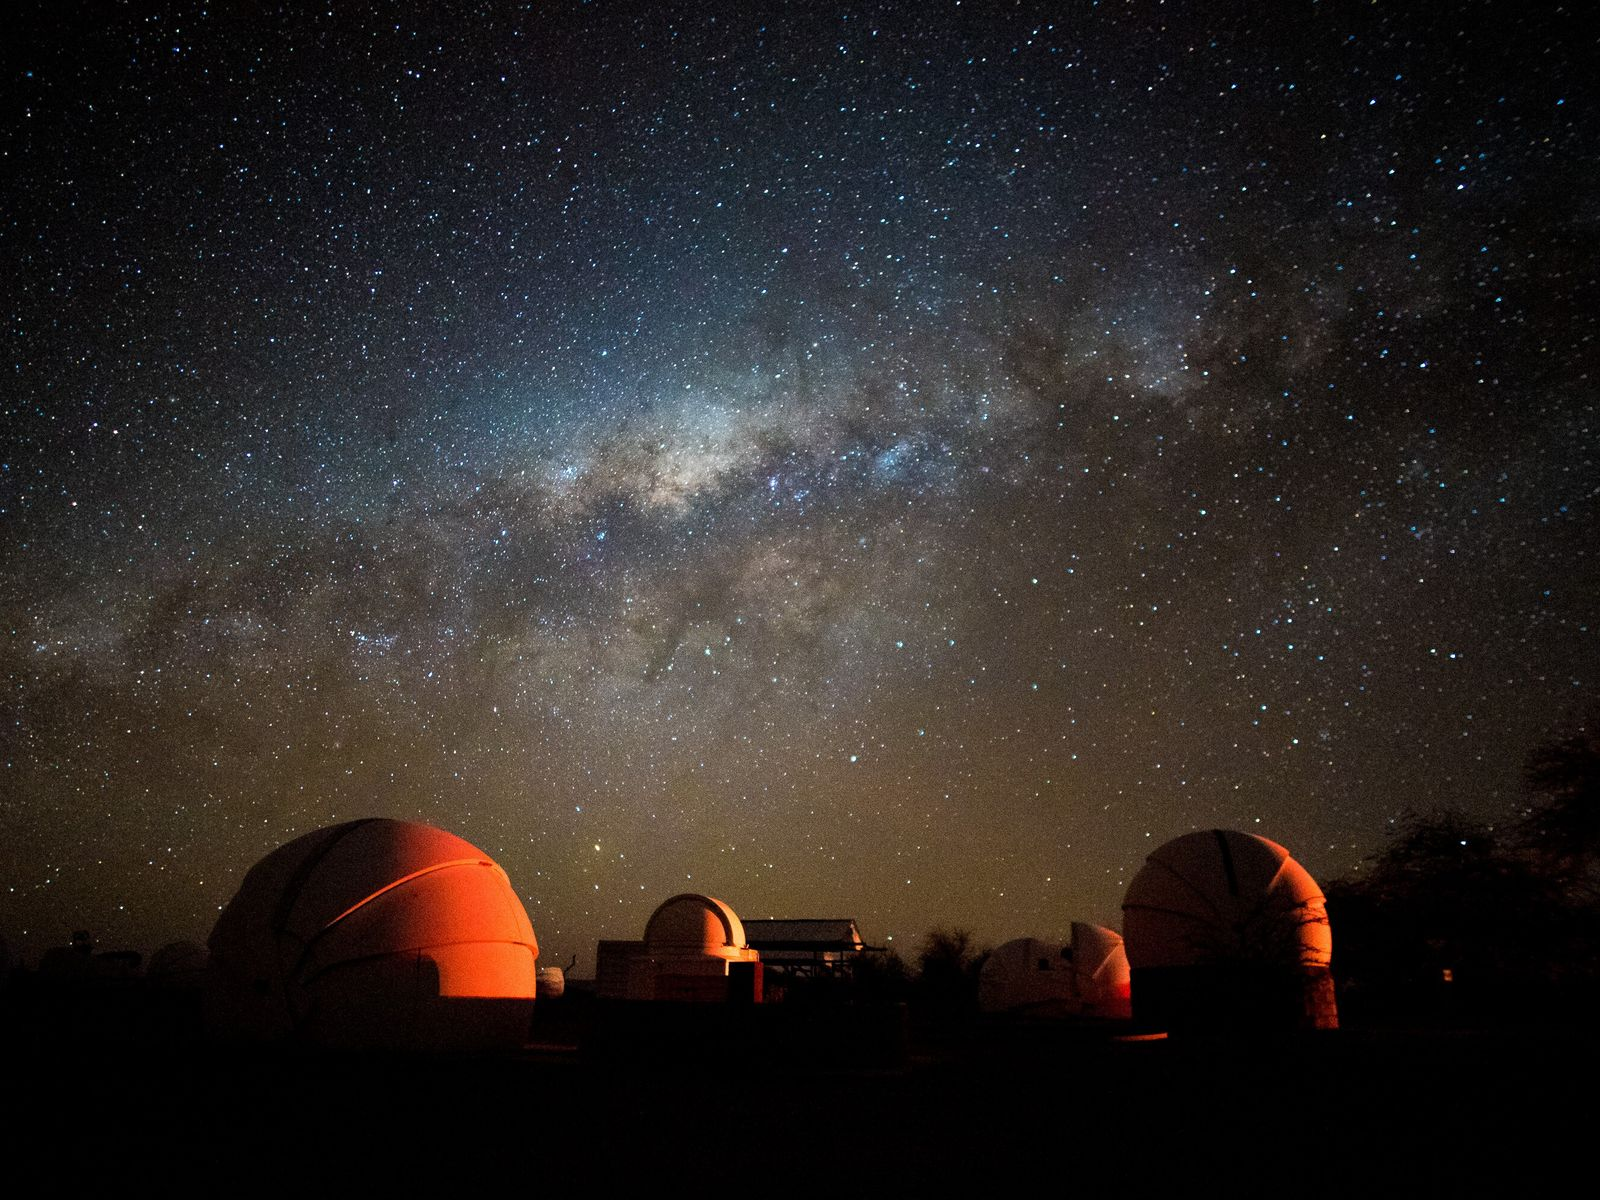 Dans la région d'Atacama, au Chili, connue pour son absence de pollution lumineuse et son ciel ...